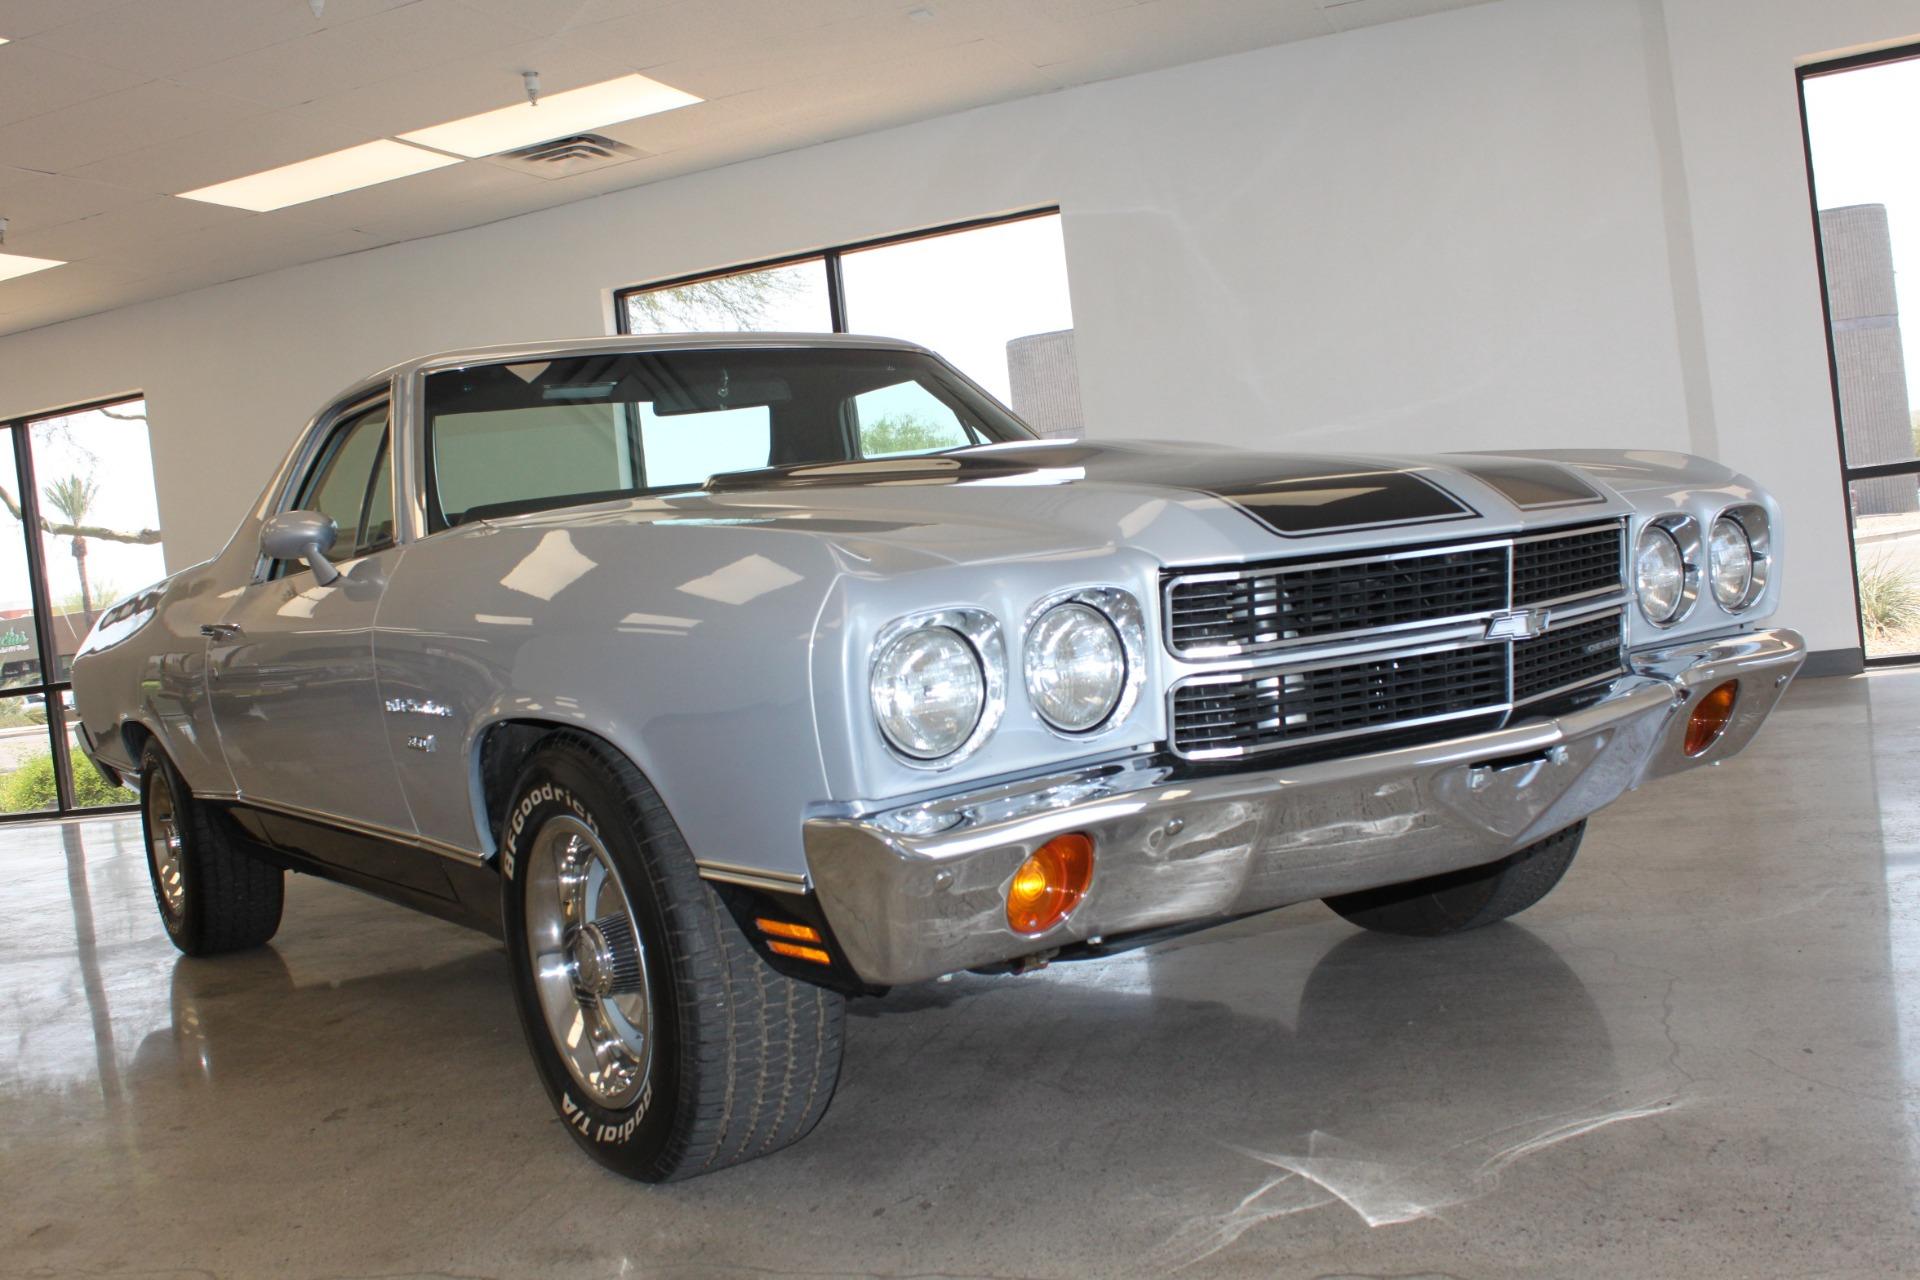 Used-1970-Chevrolet-El-Camino-Custom-350-ci-Wrangler